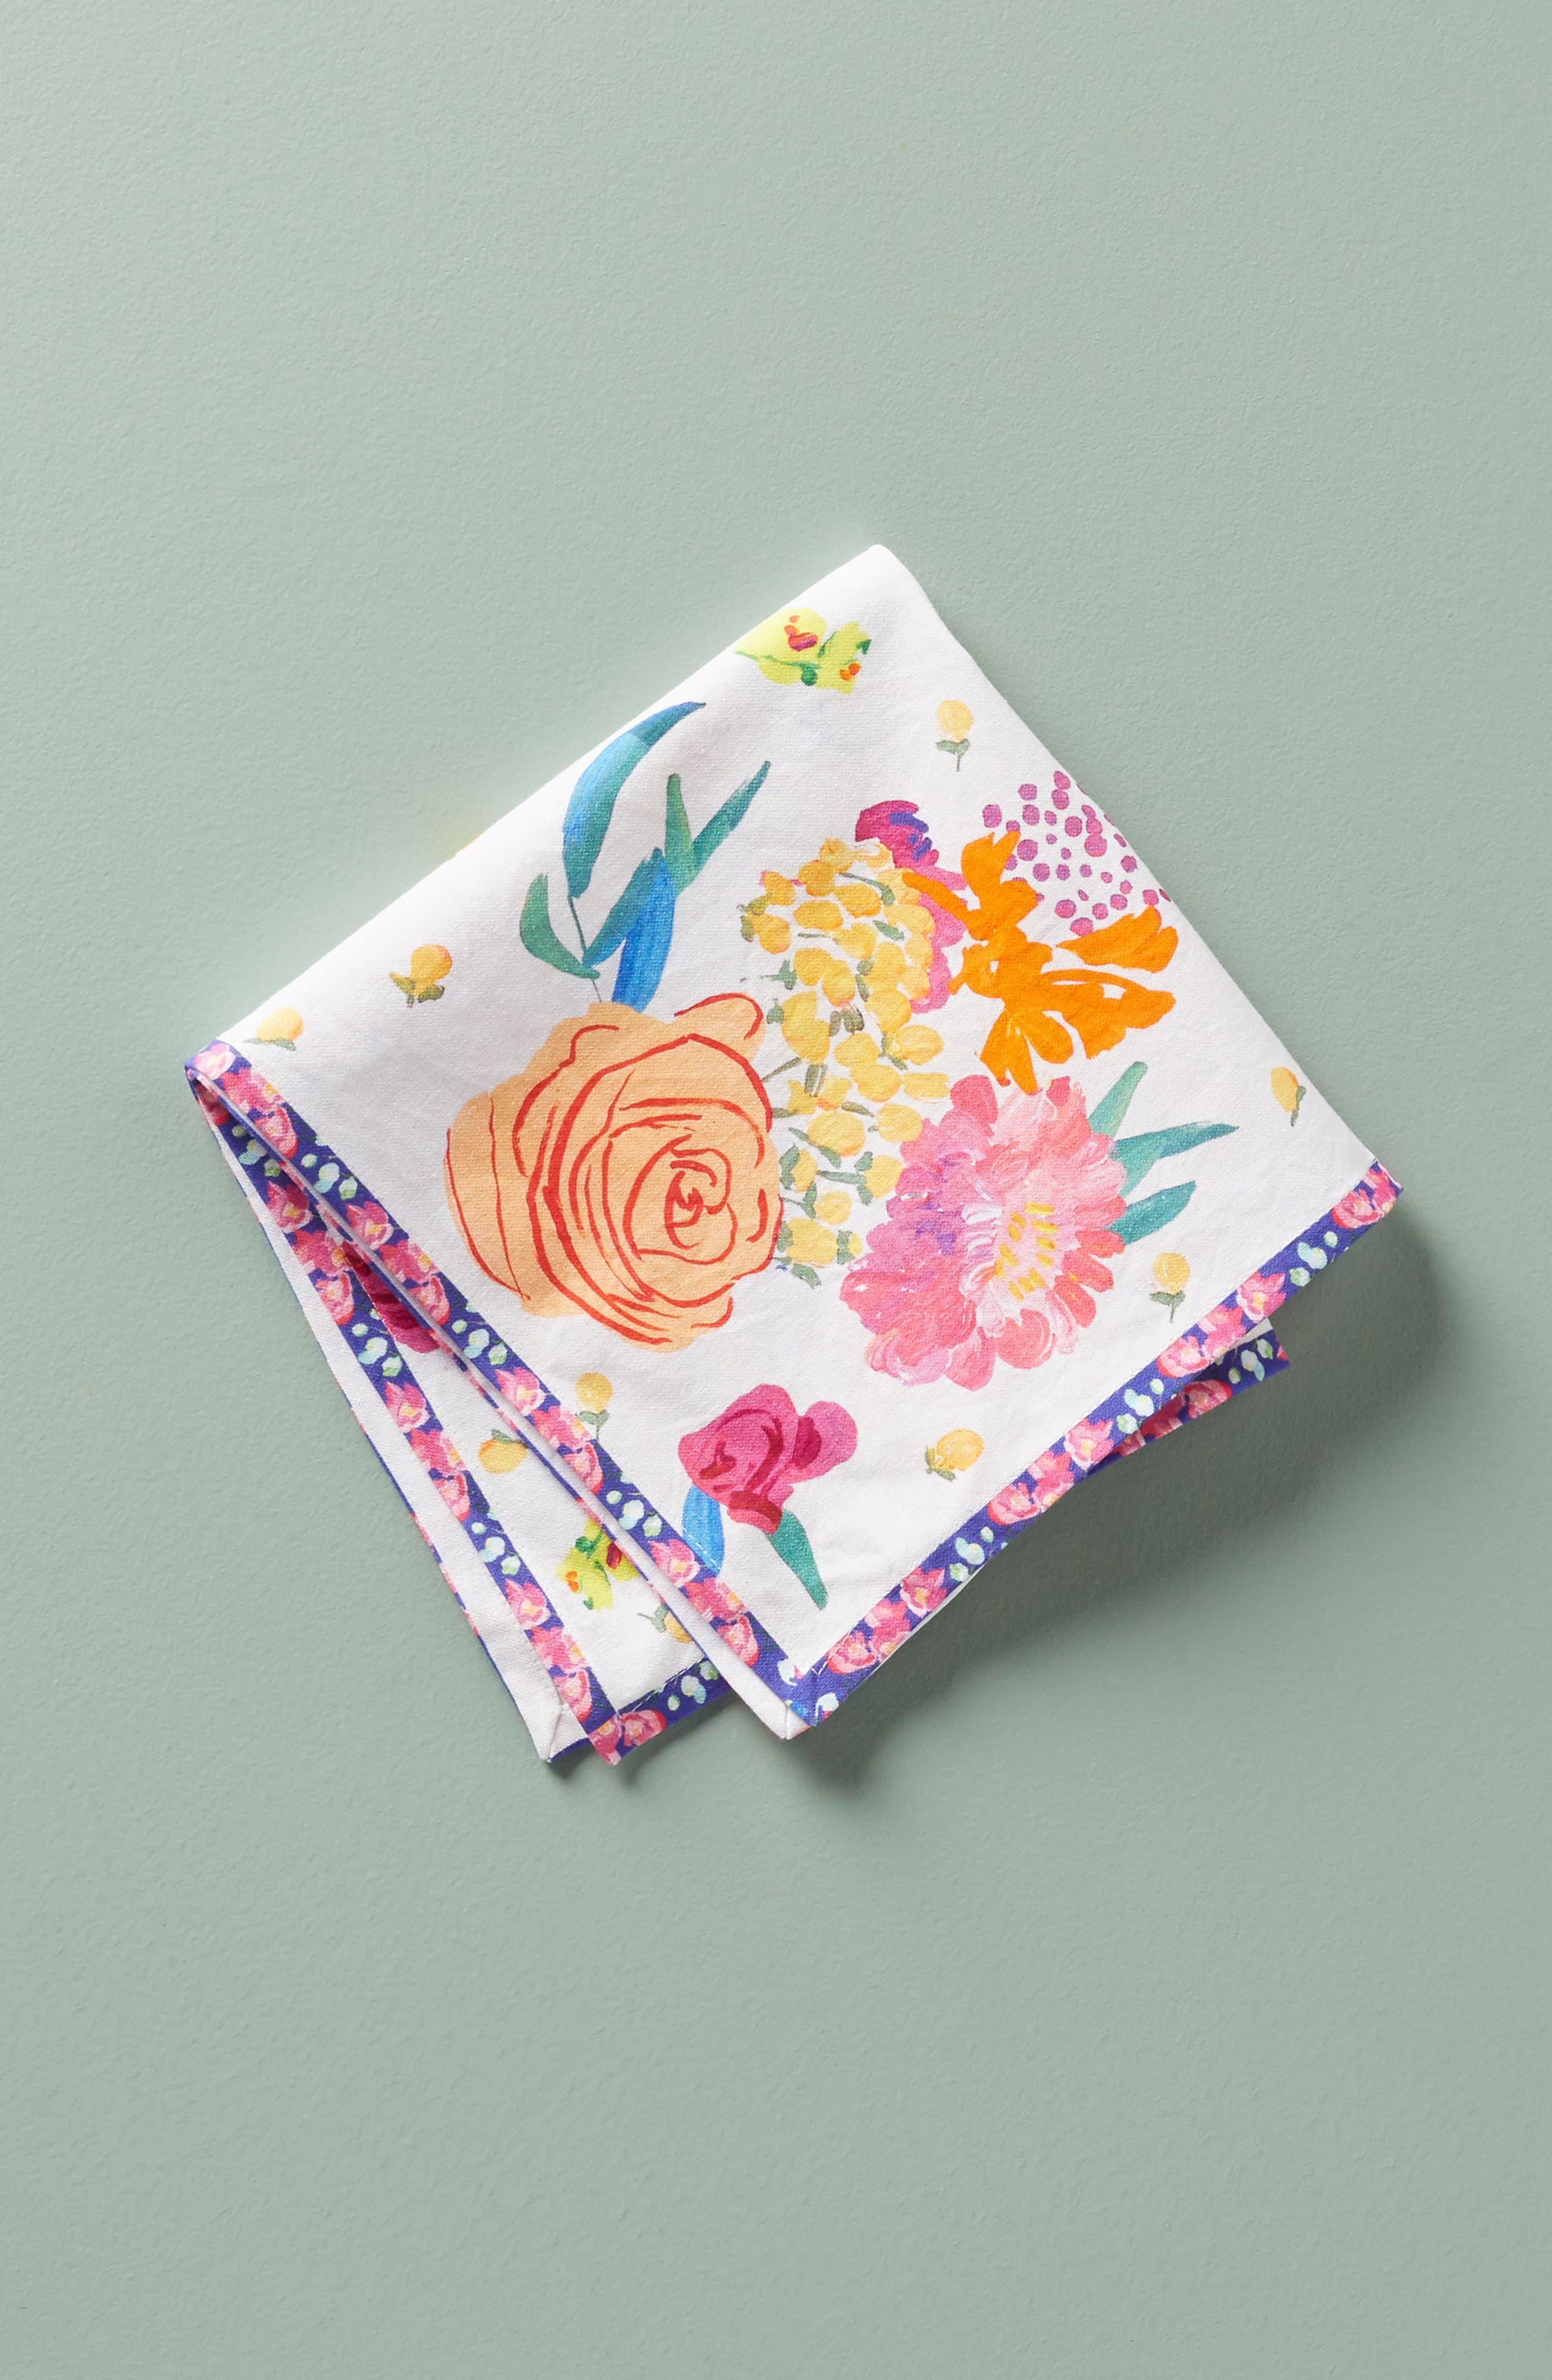 Paint + Petals Napkin,                             Alternate thumbnail 2, color,                             400